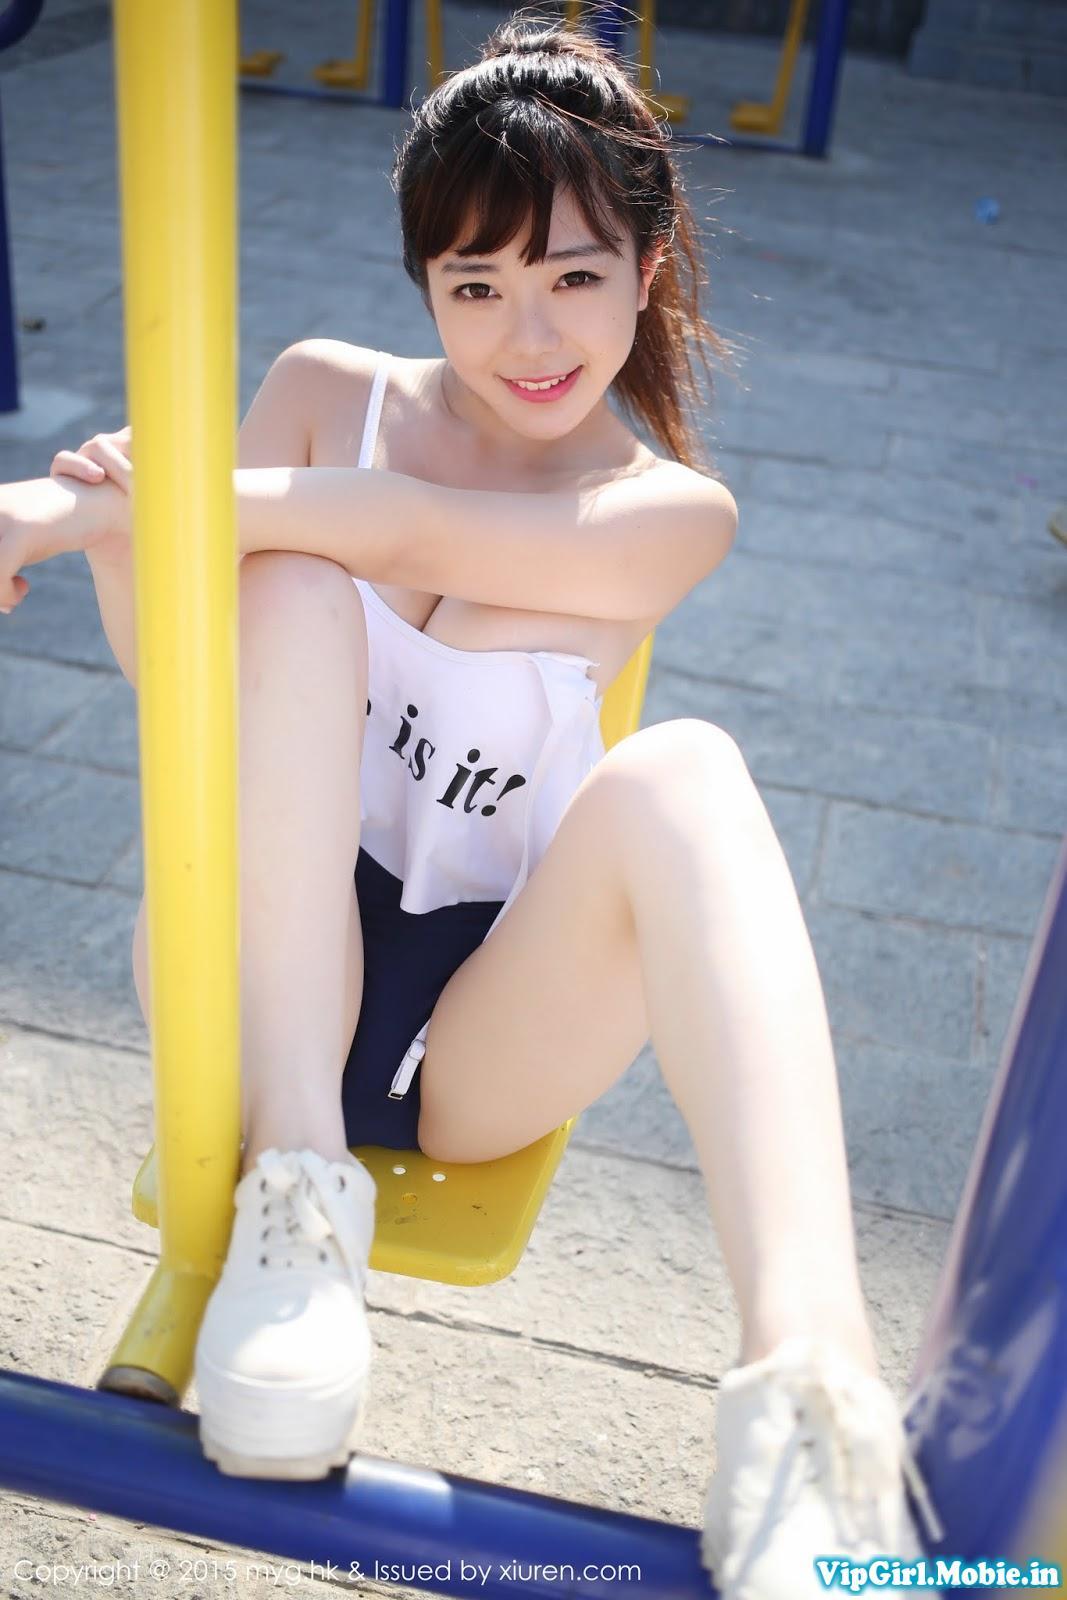 Gái Xinh Sexy Bikini Trung Quốc Ngực Khủng Mặt Siêu Dễ Thương p3